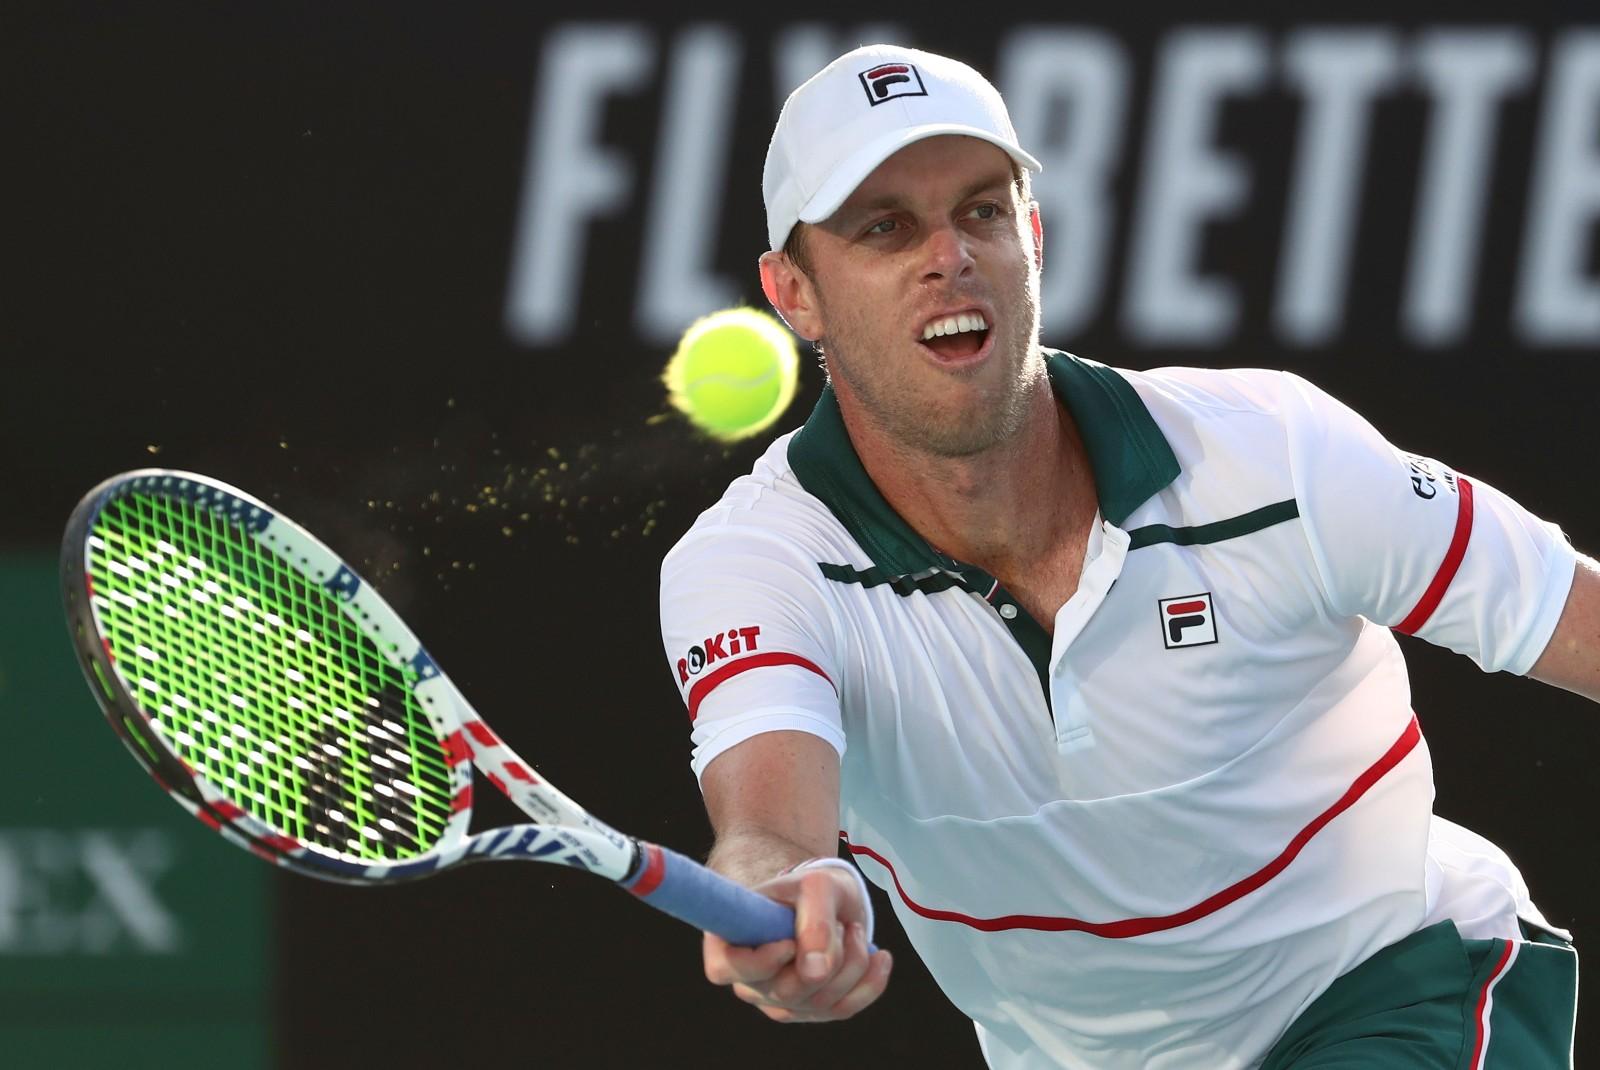 美国网球选手在俄比赛中感染新冠 擅自乘私人飞机离开_图1-1